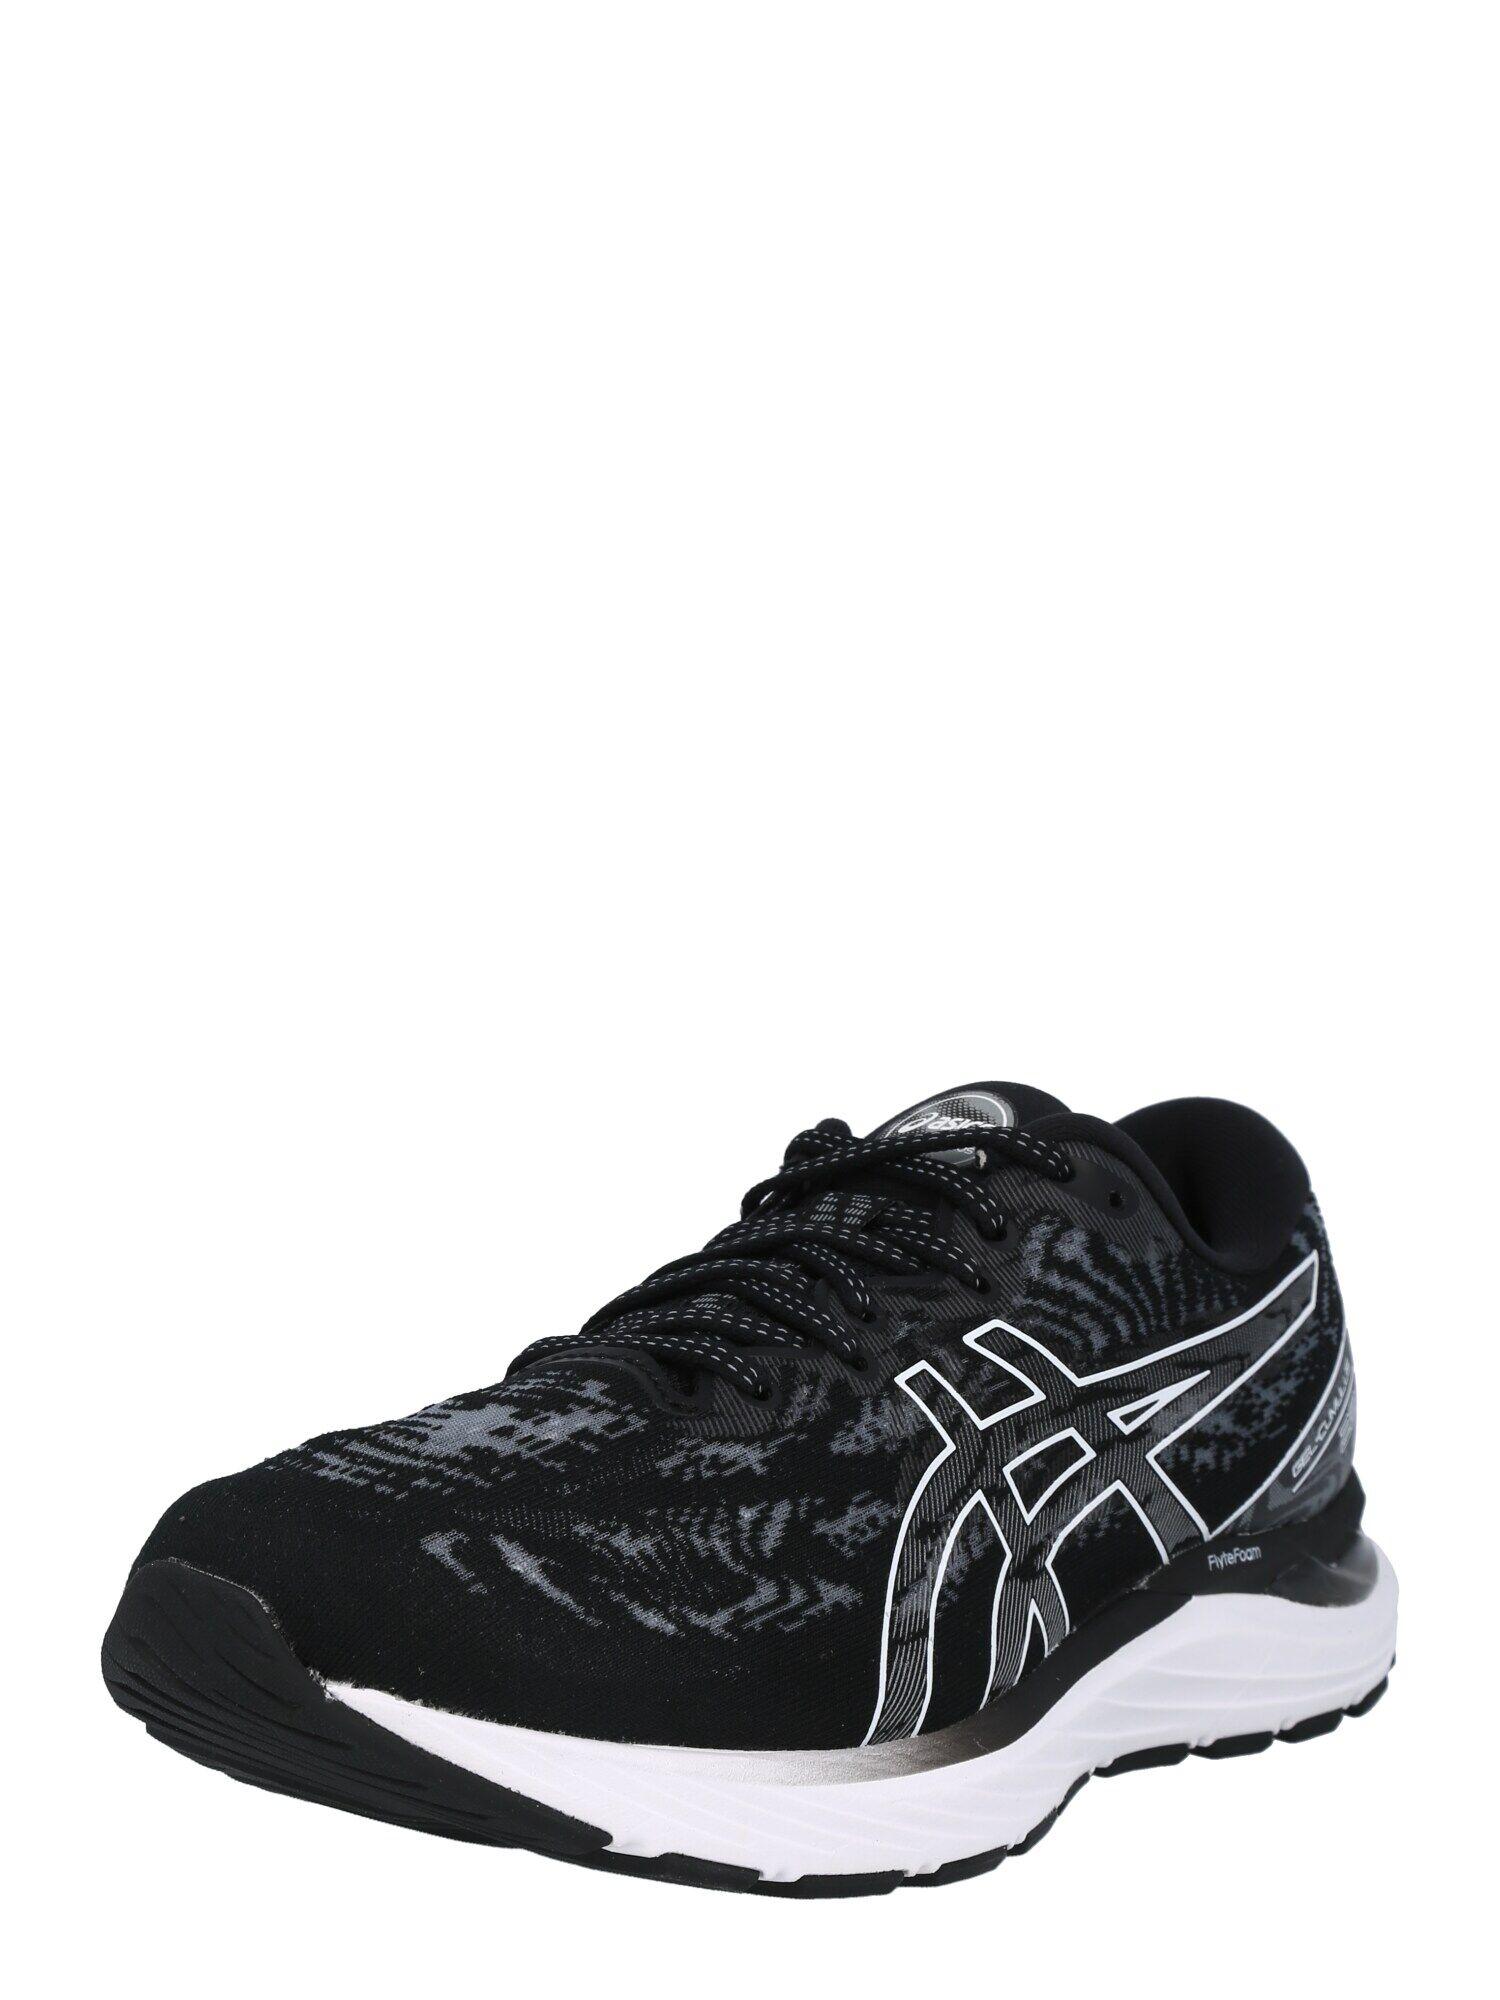 Asics Chaussure de course  - Noir - Taille: 46.5 - male